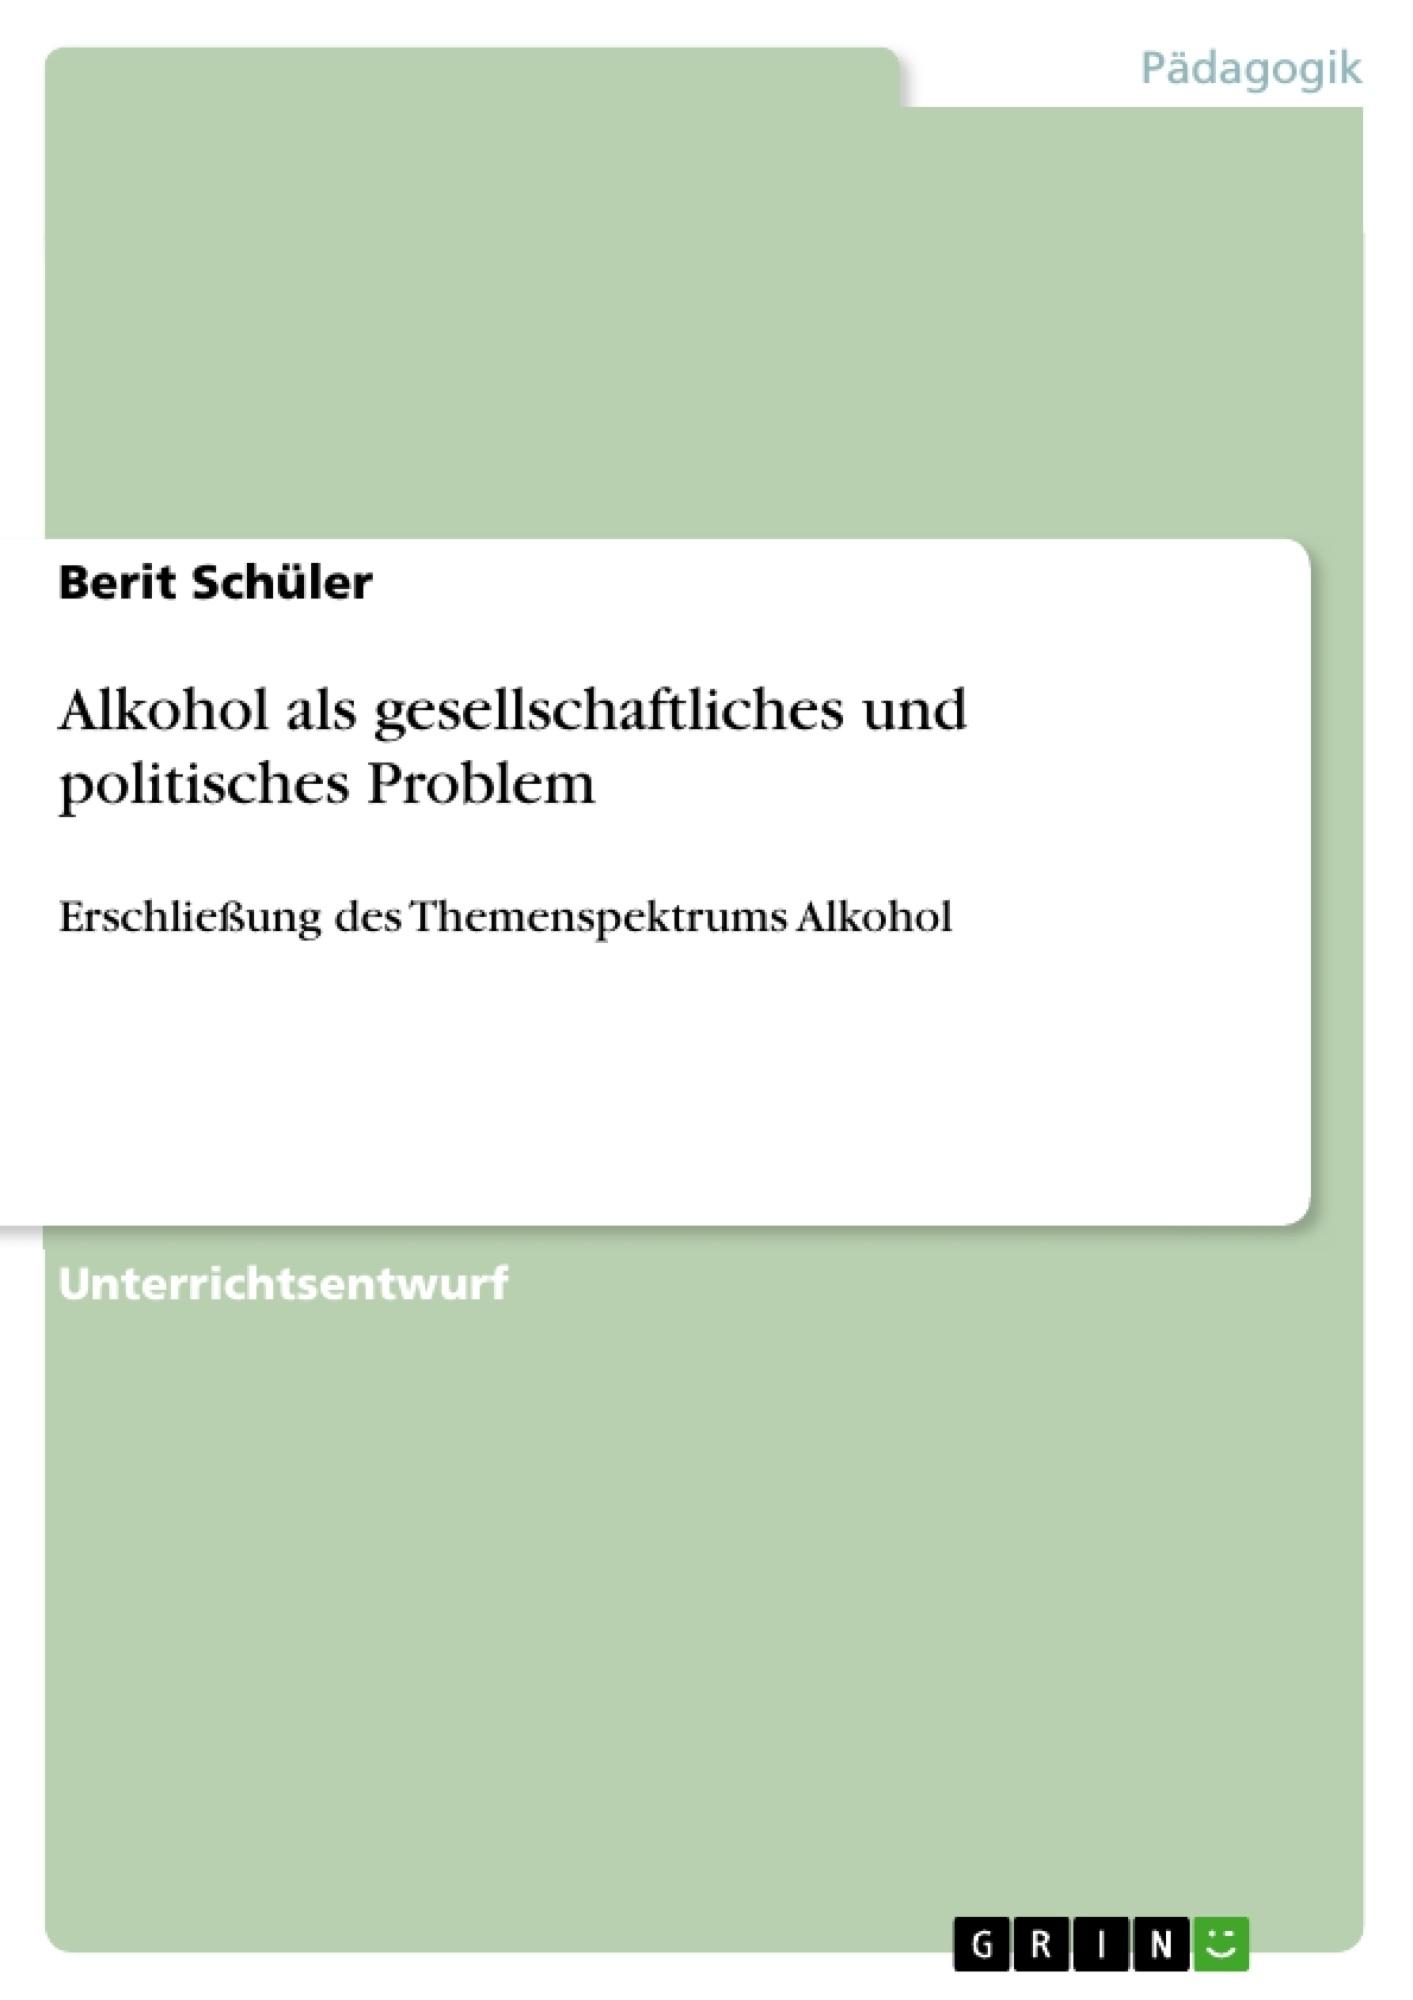 Titel: Alkohol als gesellschaftliches und politisches Problem